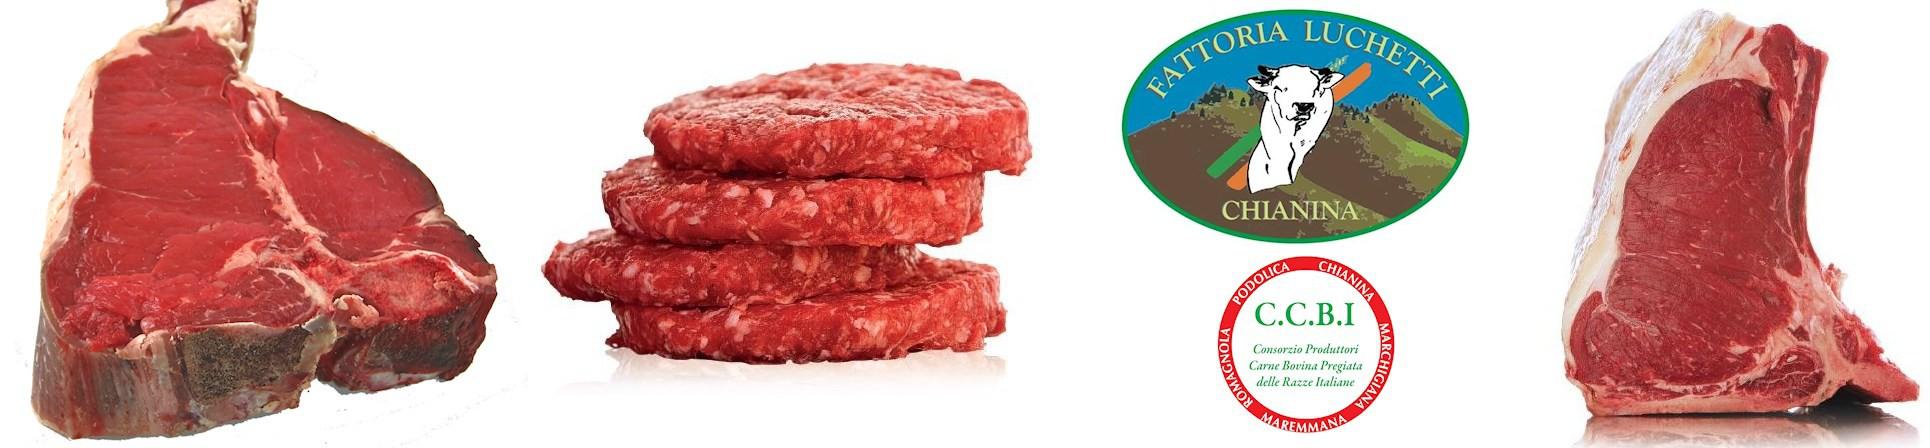 CHIANINA Carni Pregiate - Fattoria Luchetti - vendita online